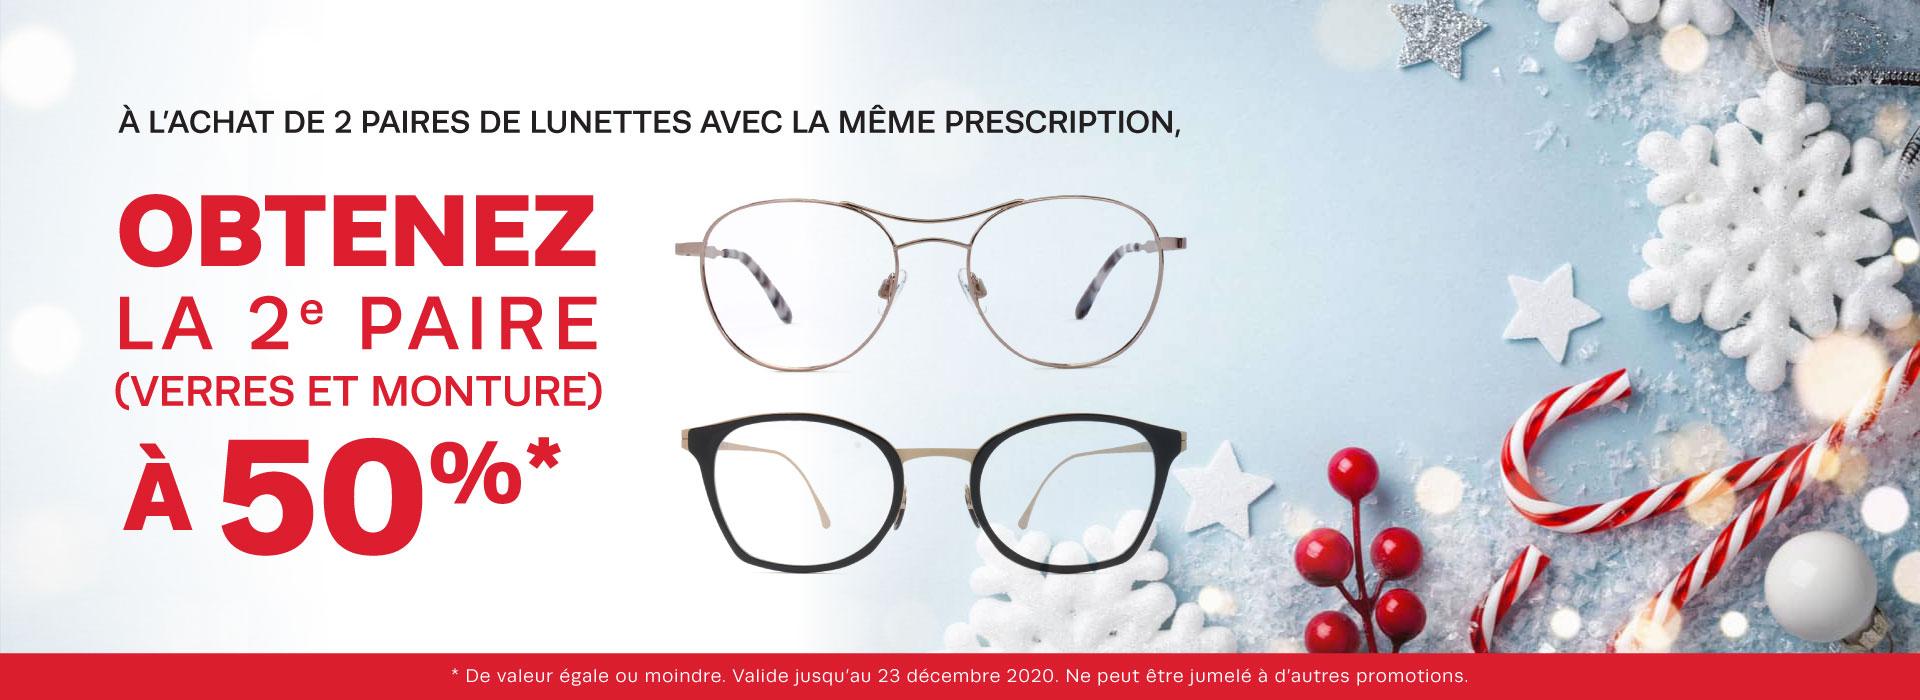 visuels-nov-LunetterieMeandres-banner-promo-2